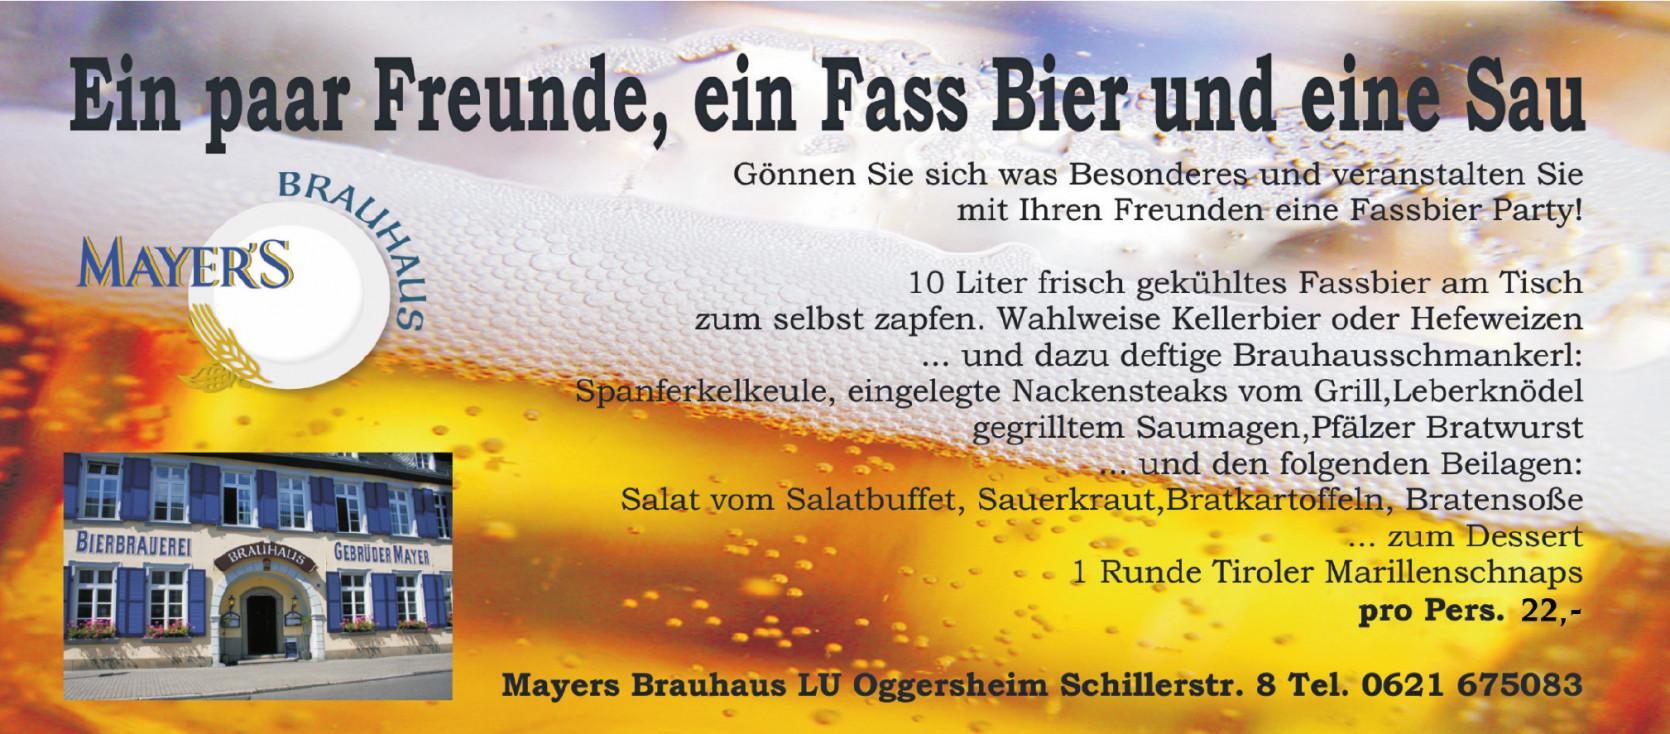 Mayers Brauhaus LU